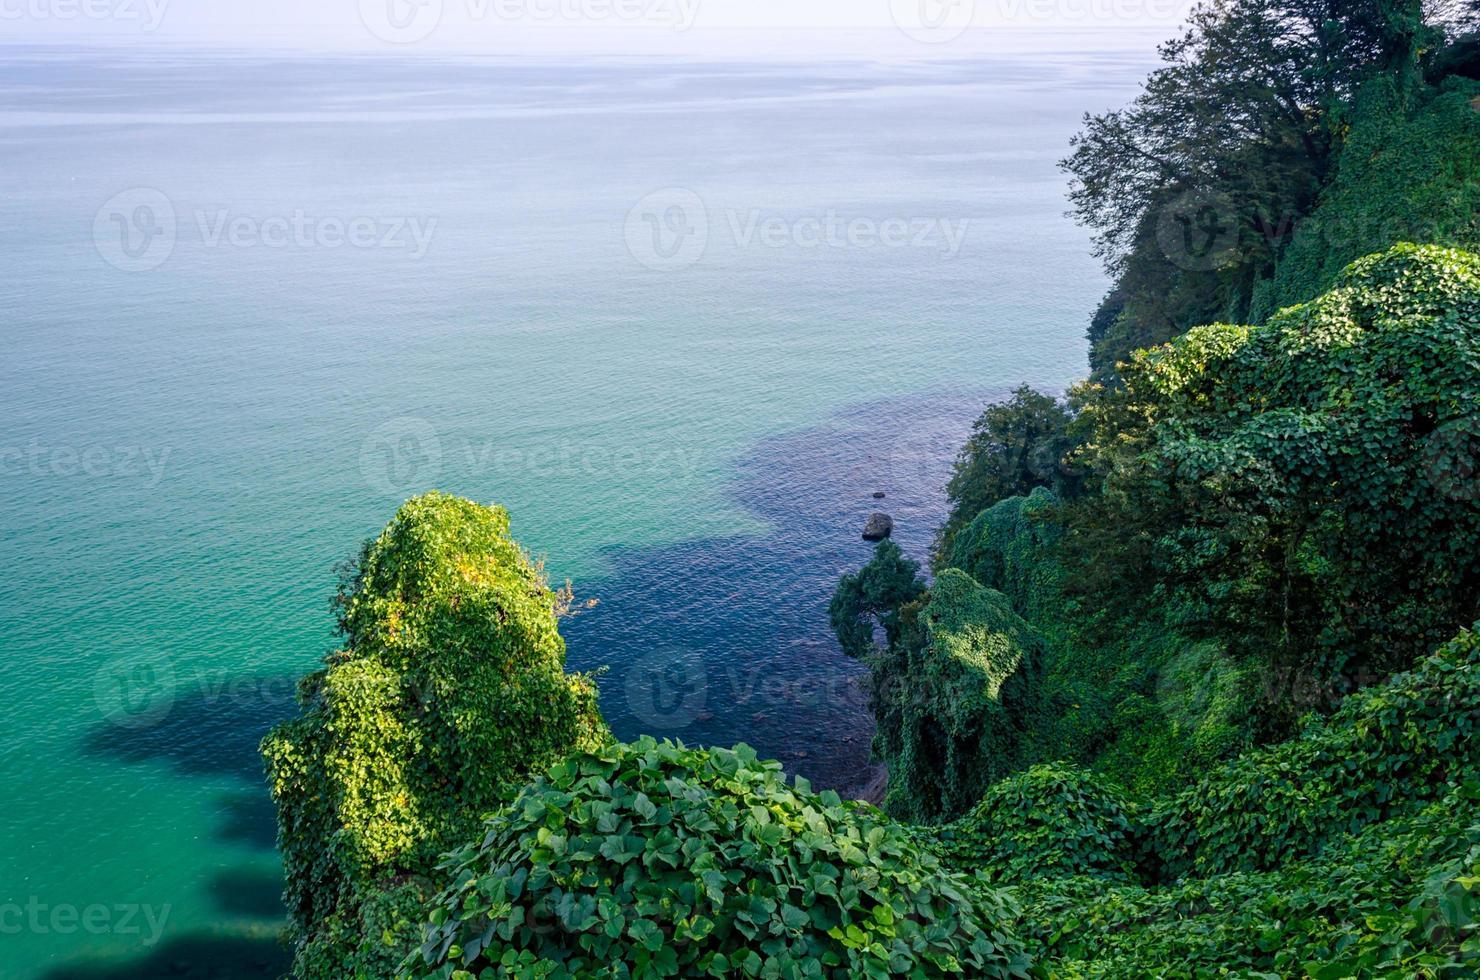 frodigt landskap vid havet foto